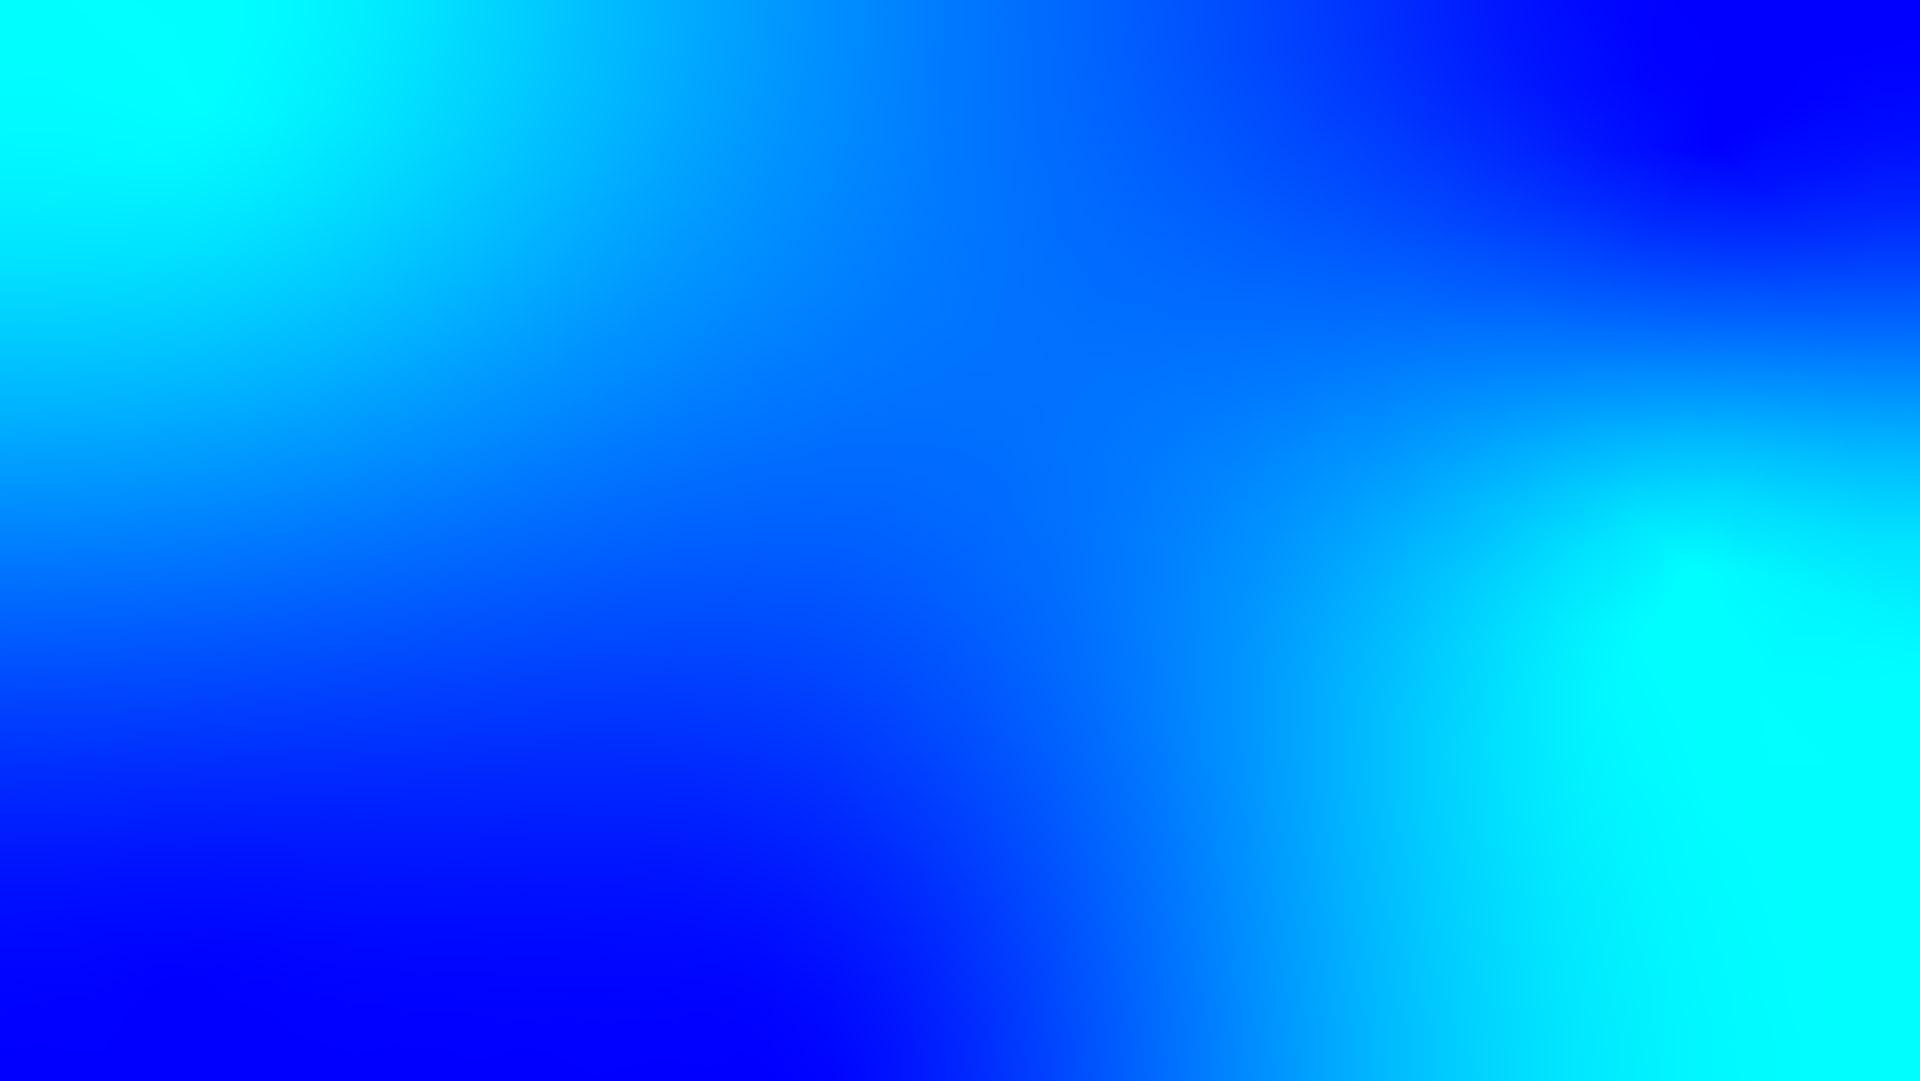 Farbverlauf